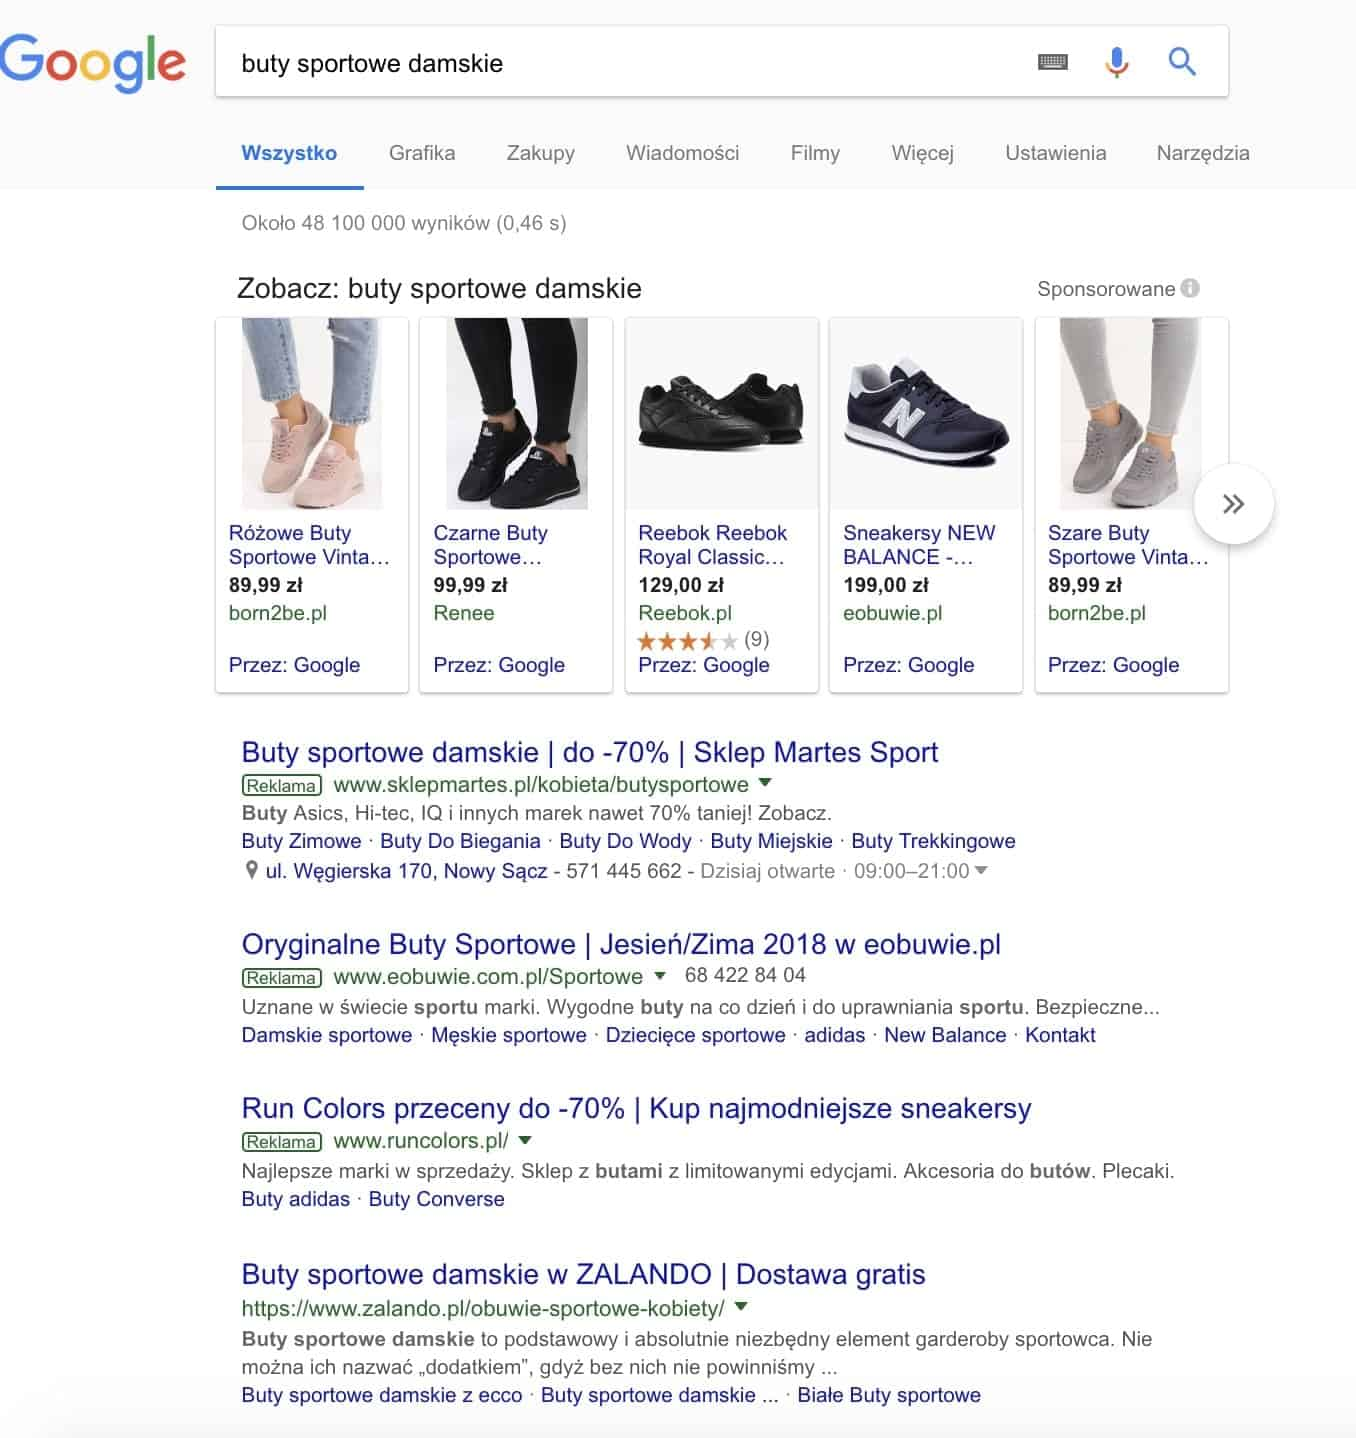 Wyniki wyszukiwania Google dla